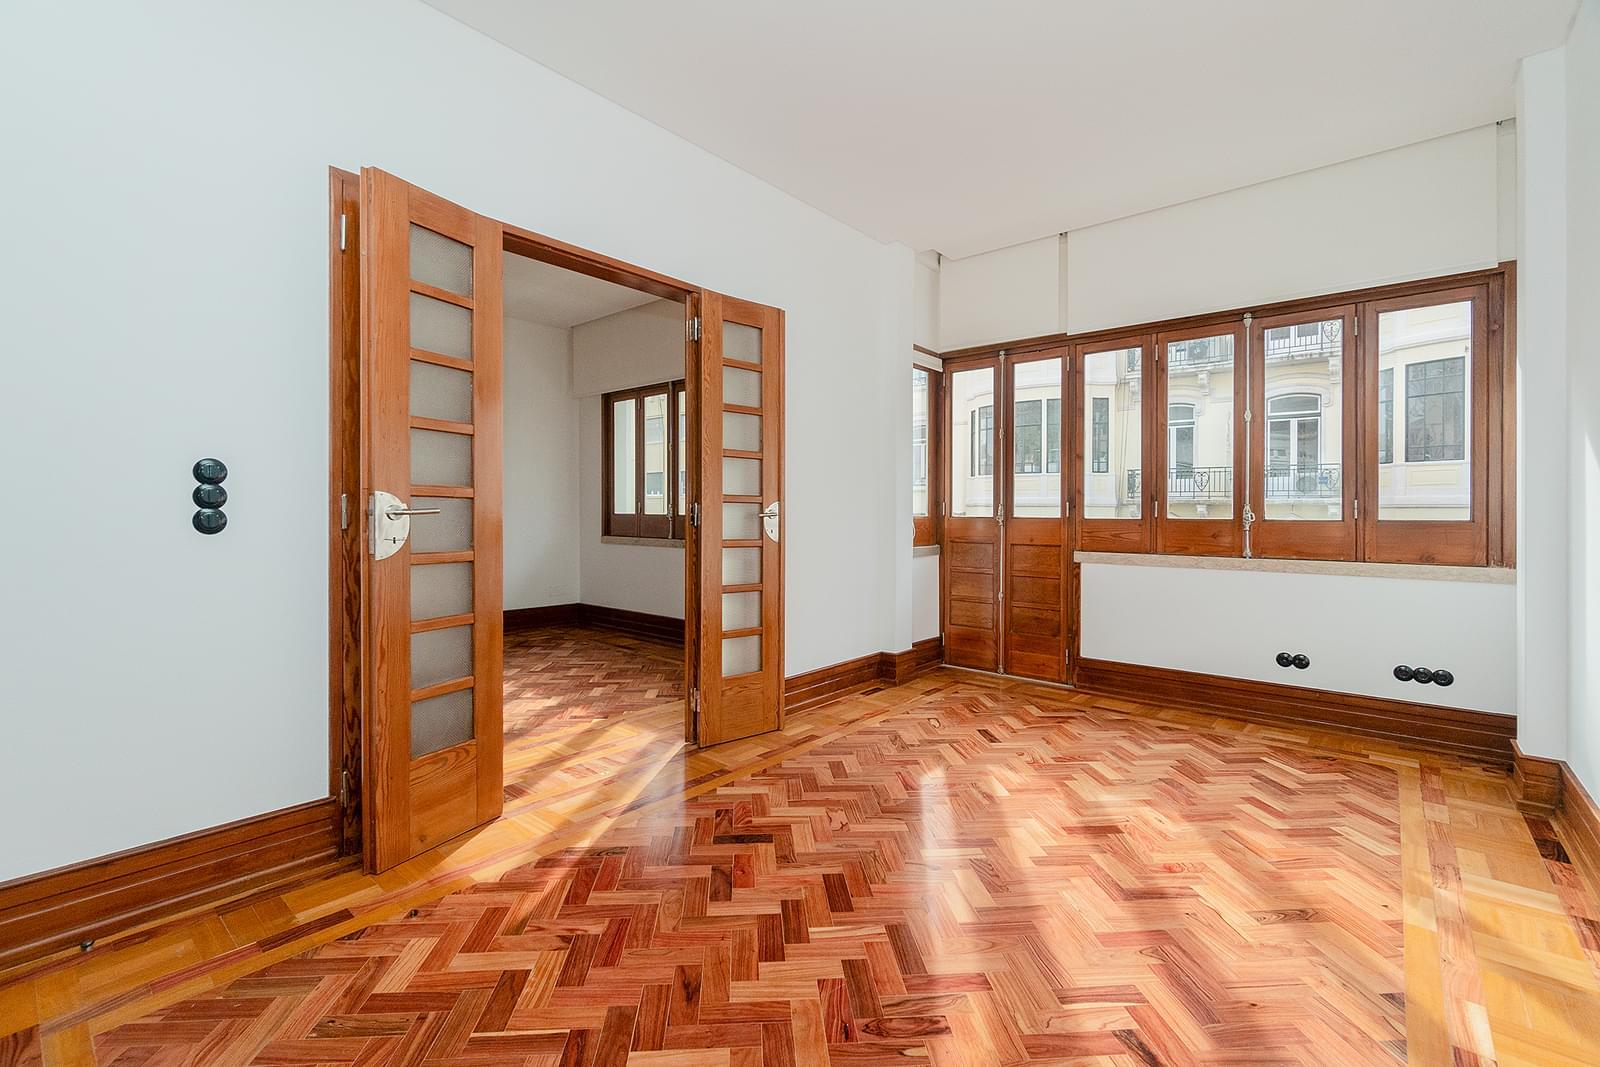 pf18665-apartamento-t3-2-lisboa-92688b7c-a970-4ad1-a8a4-df4d194bec03